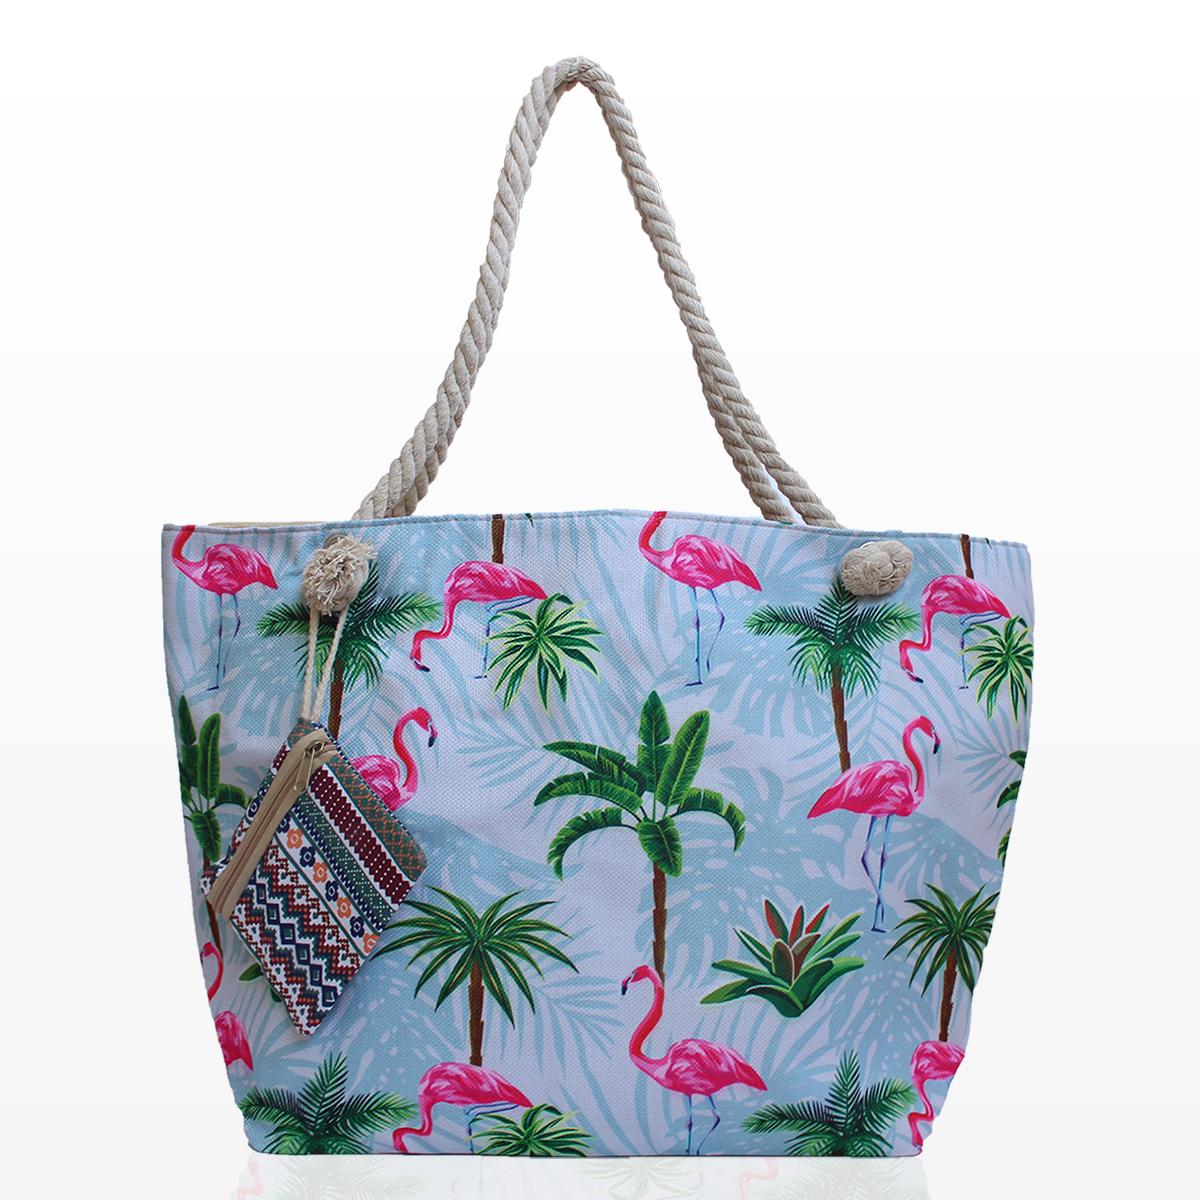 5926d452ed6 Плажни Чанти с Палми и Фламинго - Damski.bg